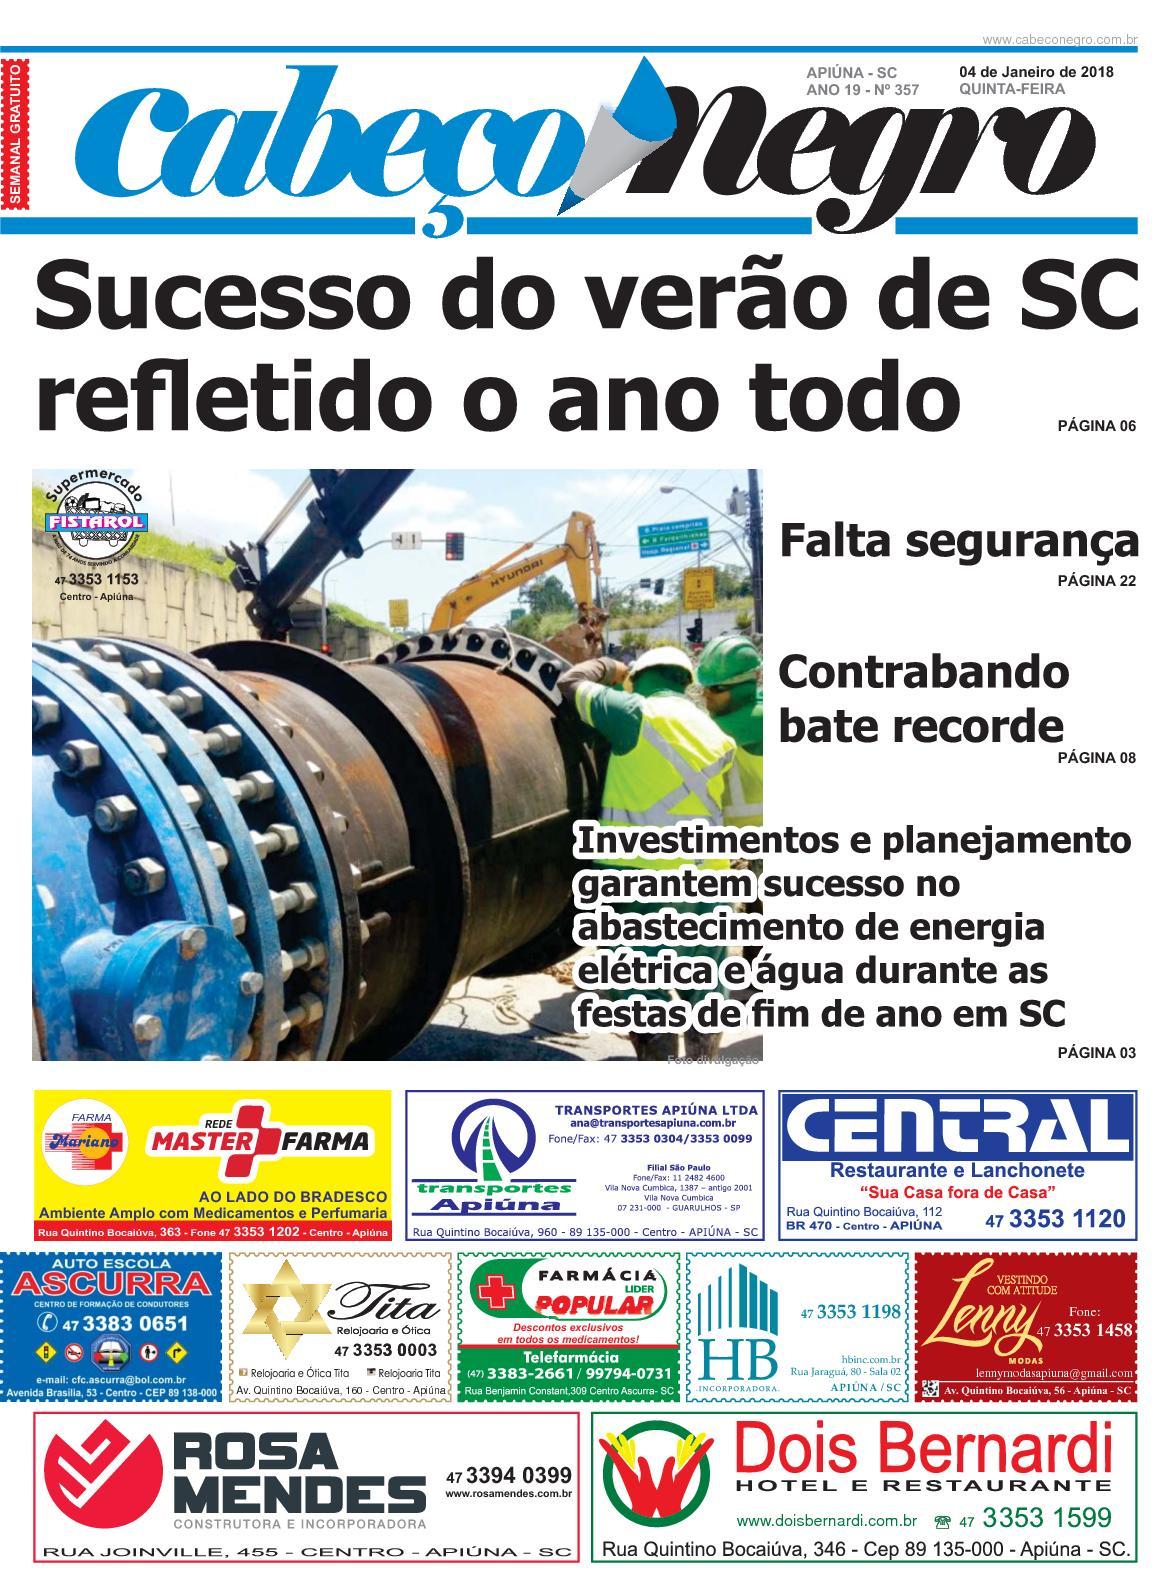 Jornal CABEÇO NEGRO - Edição 357 04JAN2018